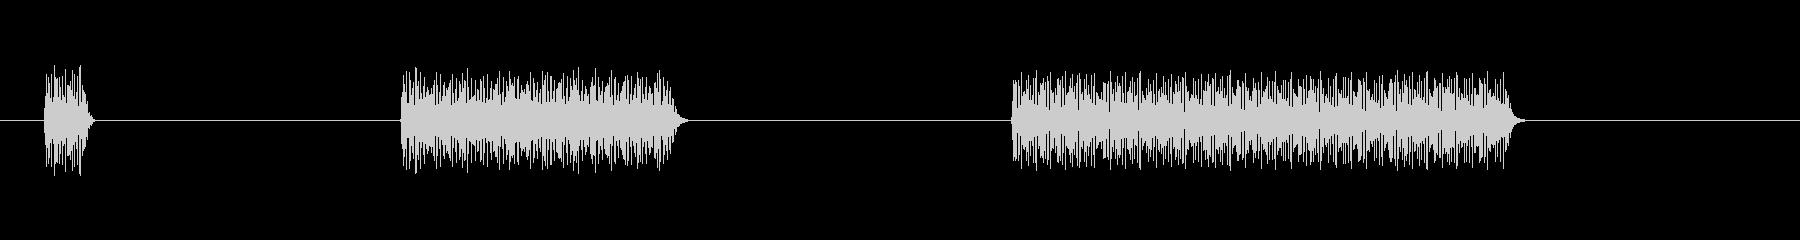 ガン、マシン2の未再生の波形